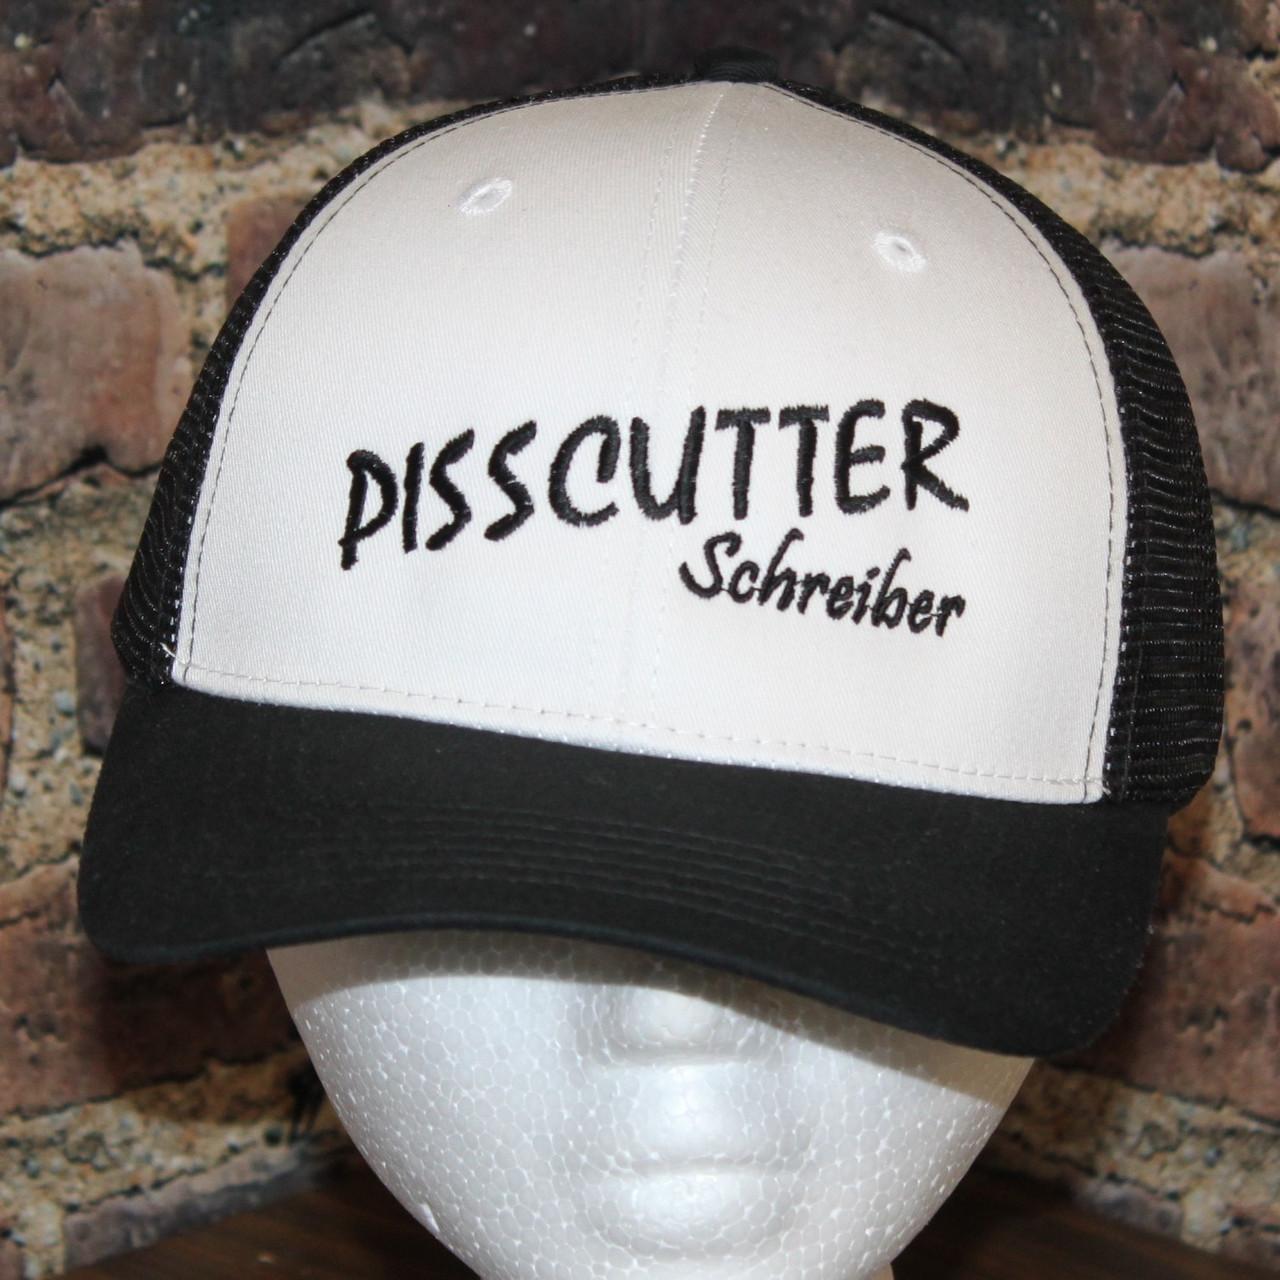 Pisscutter Hats with Schreiber